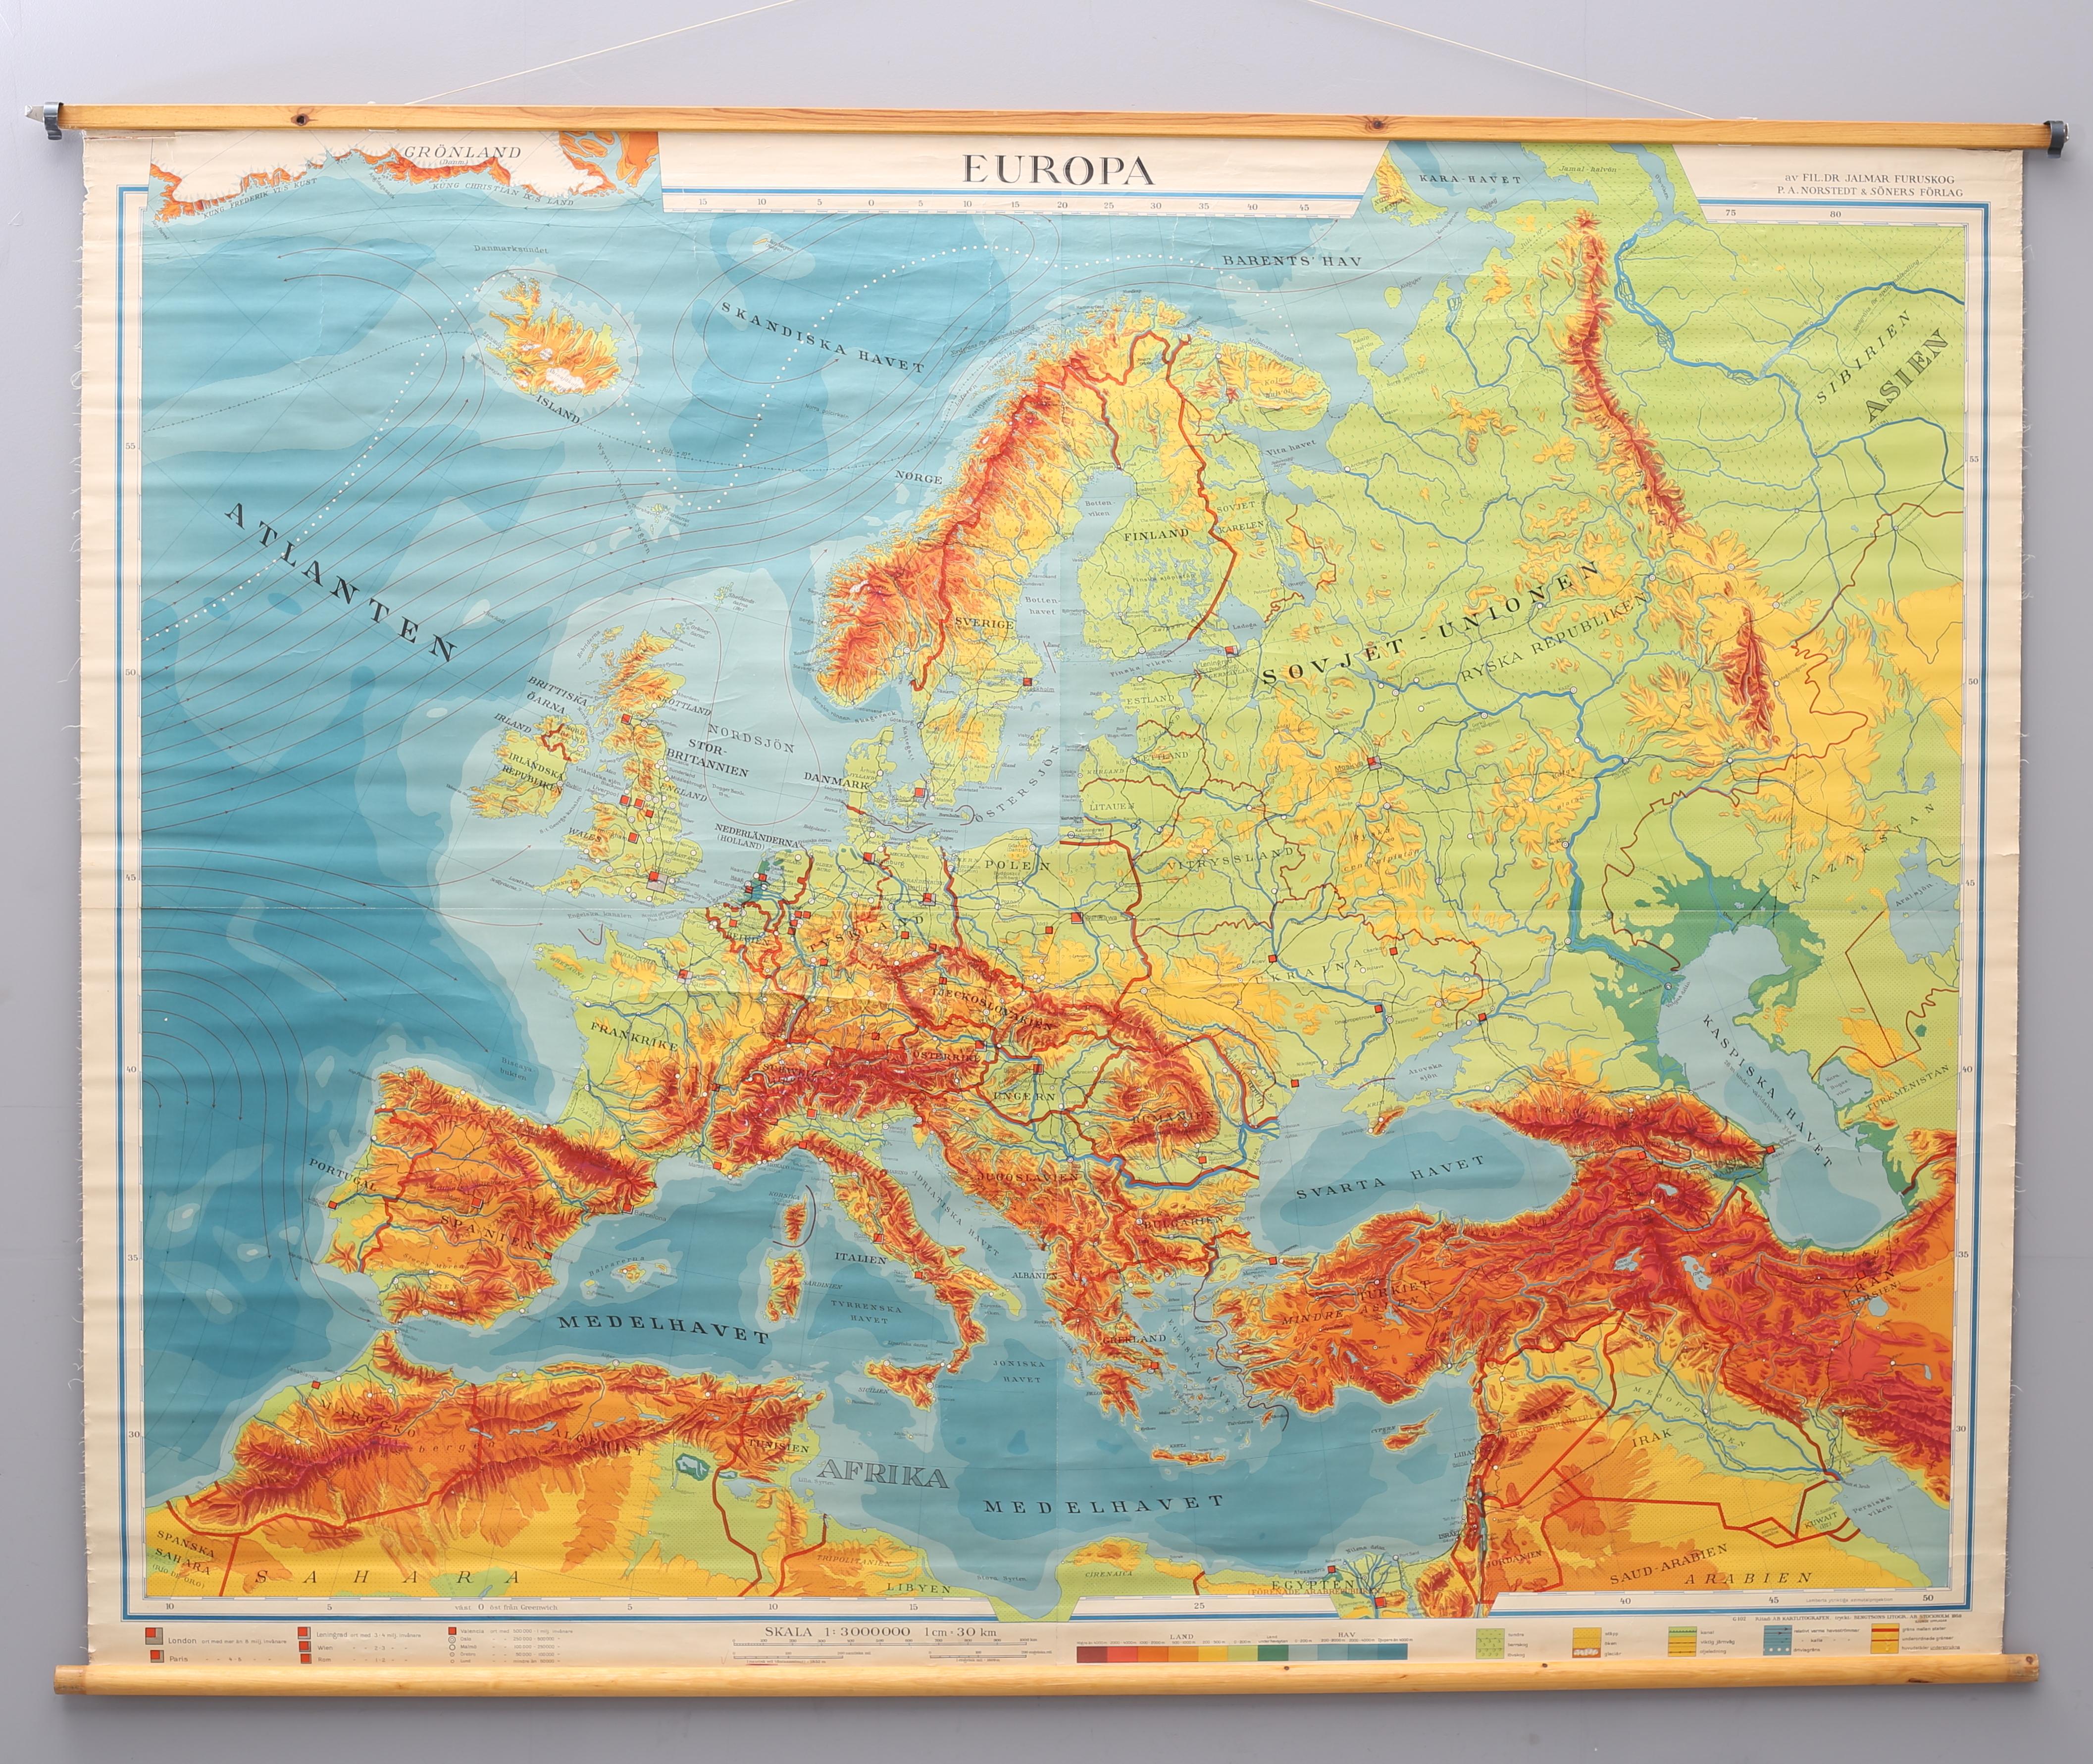 Skolplansch Karta Europa 1959 Art Other Auctionet